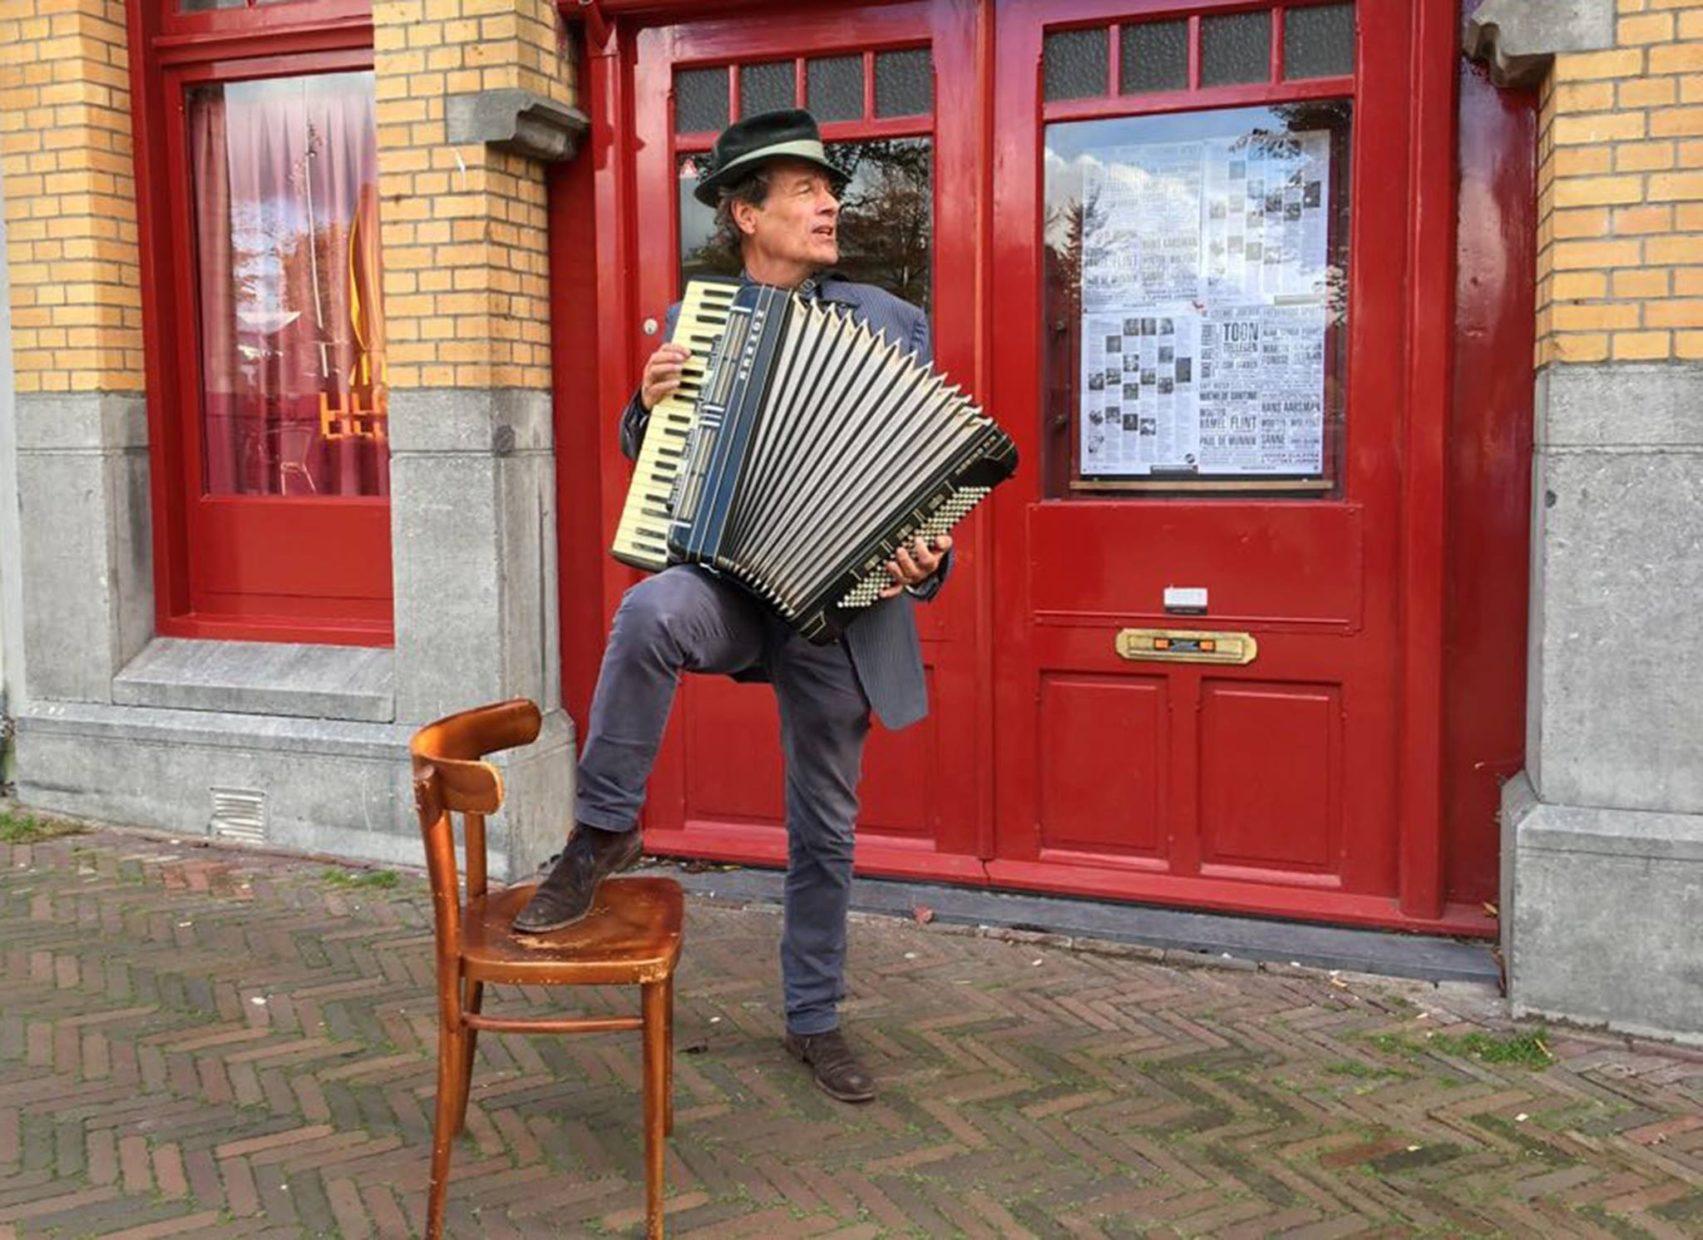 David Vos speelt accordeon voor De Roode Bioscoop in Amsterdam